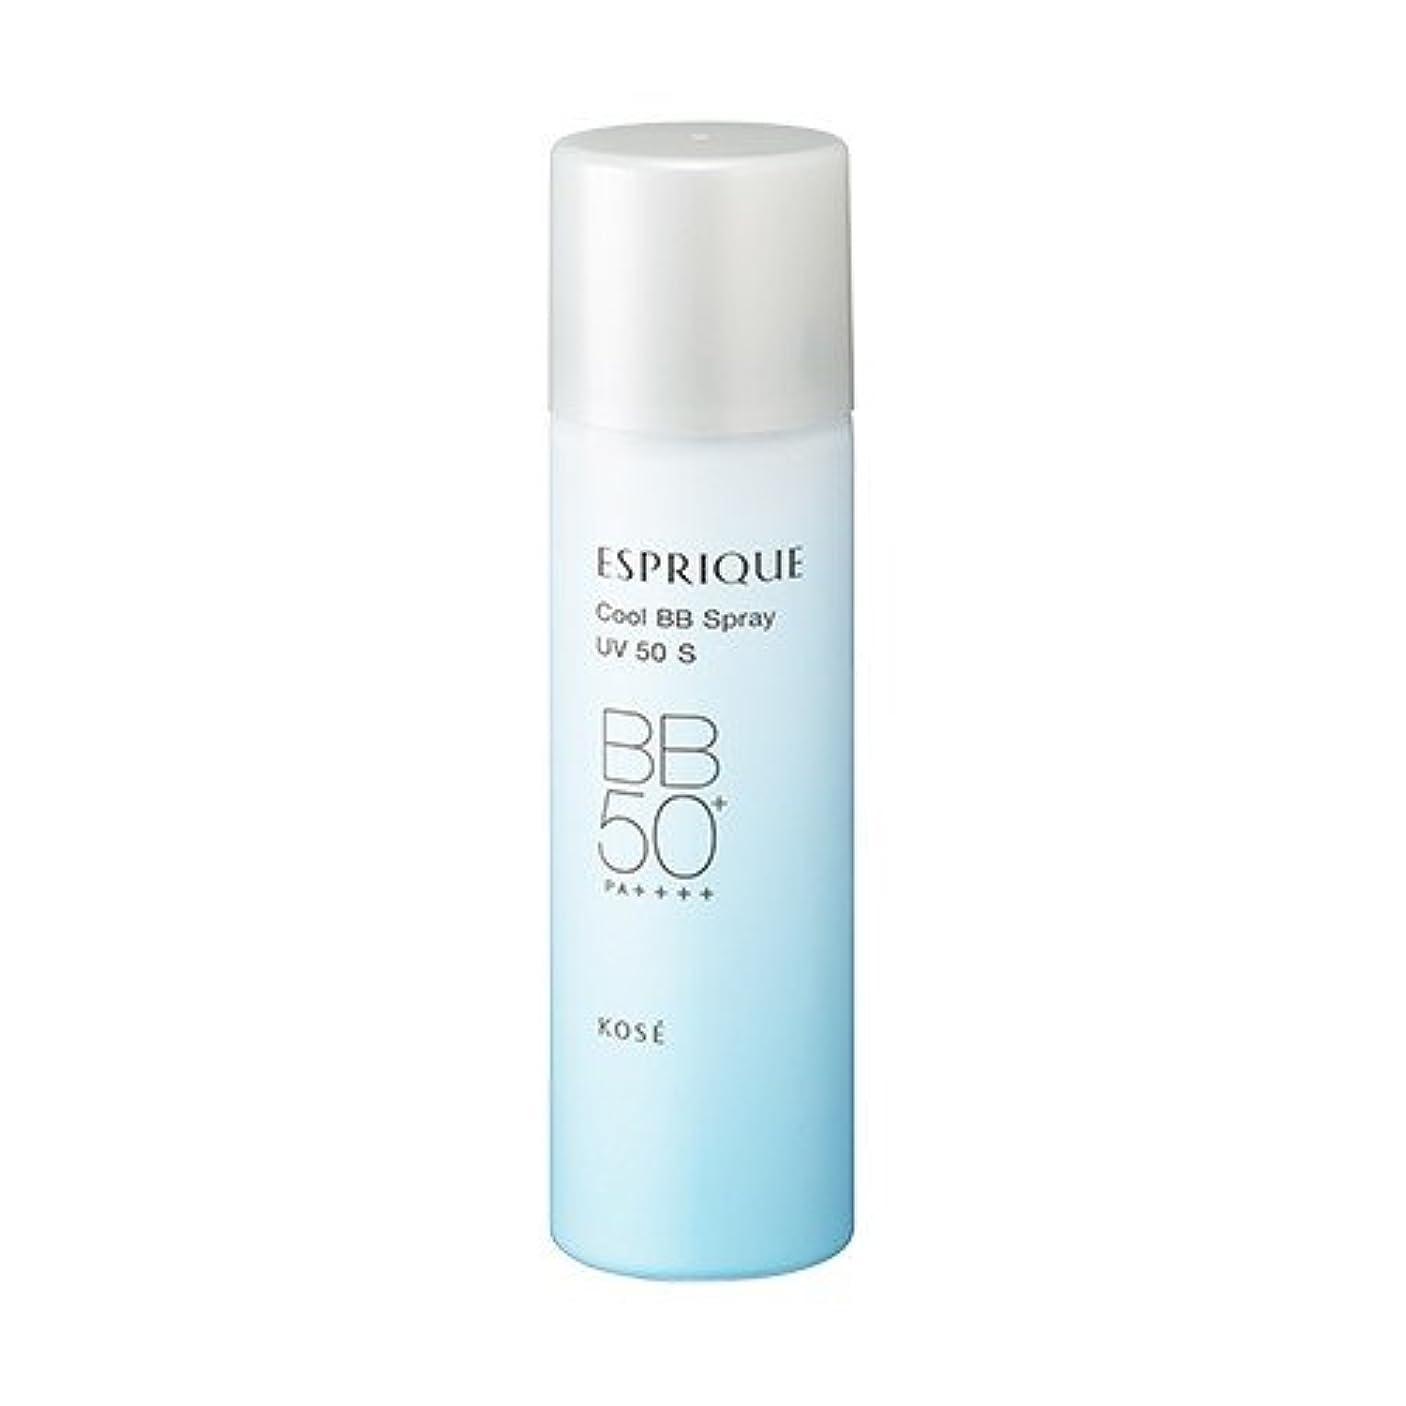 吸収セッションごちそうコーセー エスプリーク ひんやりタッチ BBスプレー UV 50 S 35g #02 標準的な肌色